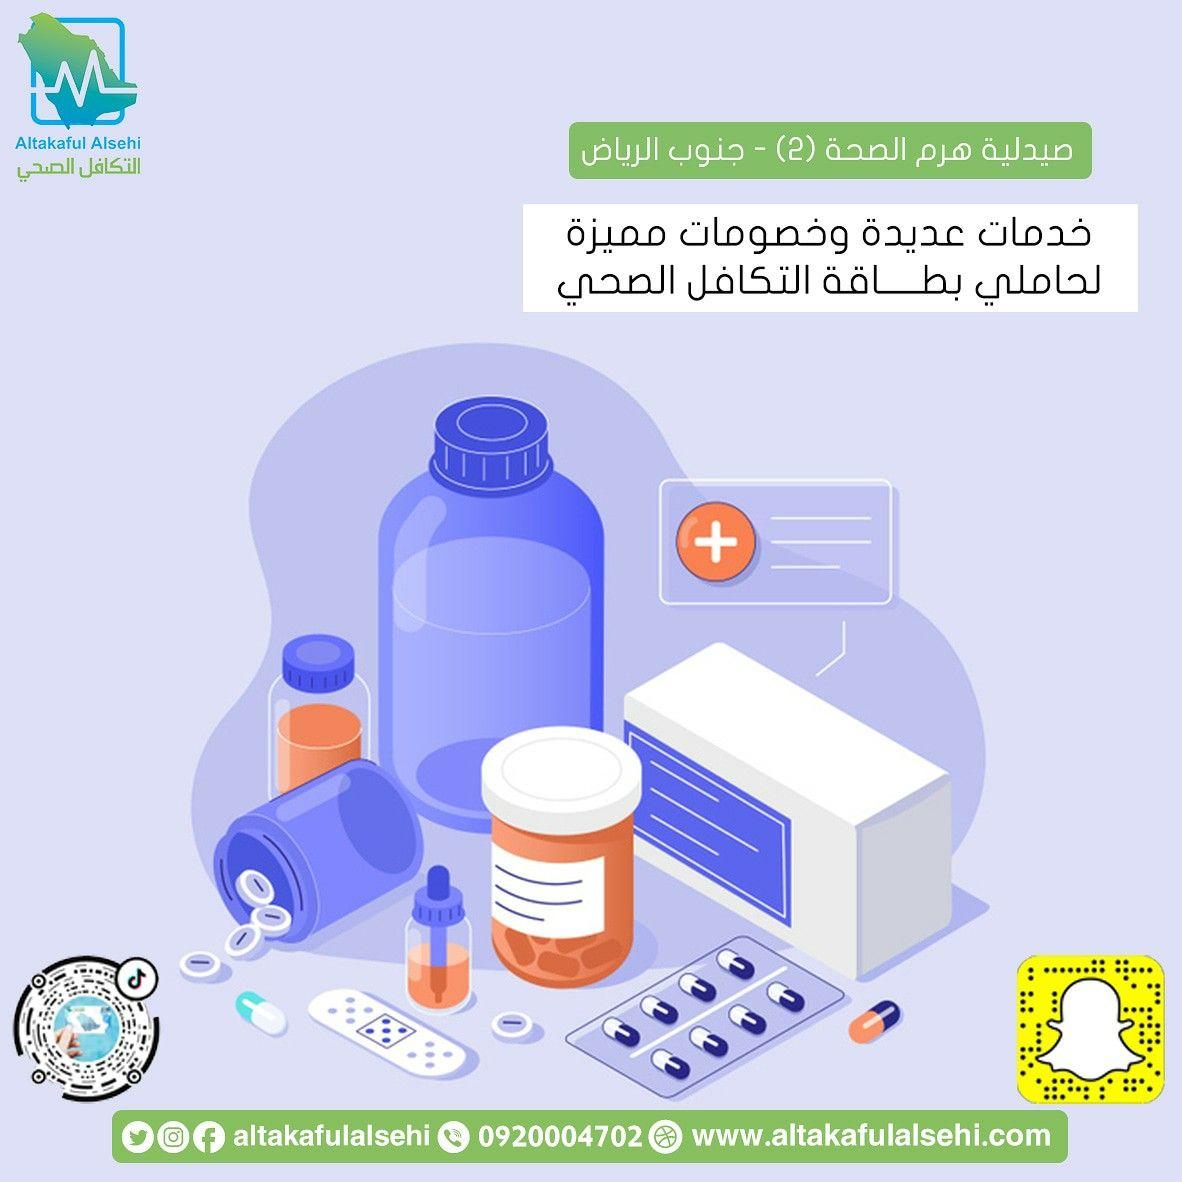 صيدلية هرم الصحة 2 جنوب الرياض تقدم لكم خصومات مميزة على بطاقة التكافل الصحي الأدوية 10 الحليب 3 الحفائض 5 التجميل Health Insurance Health Insurance